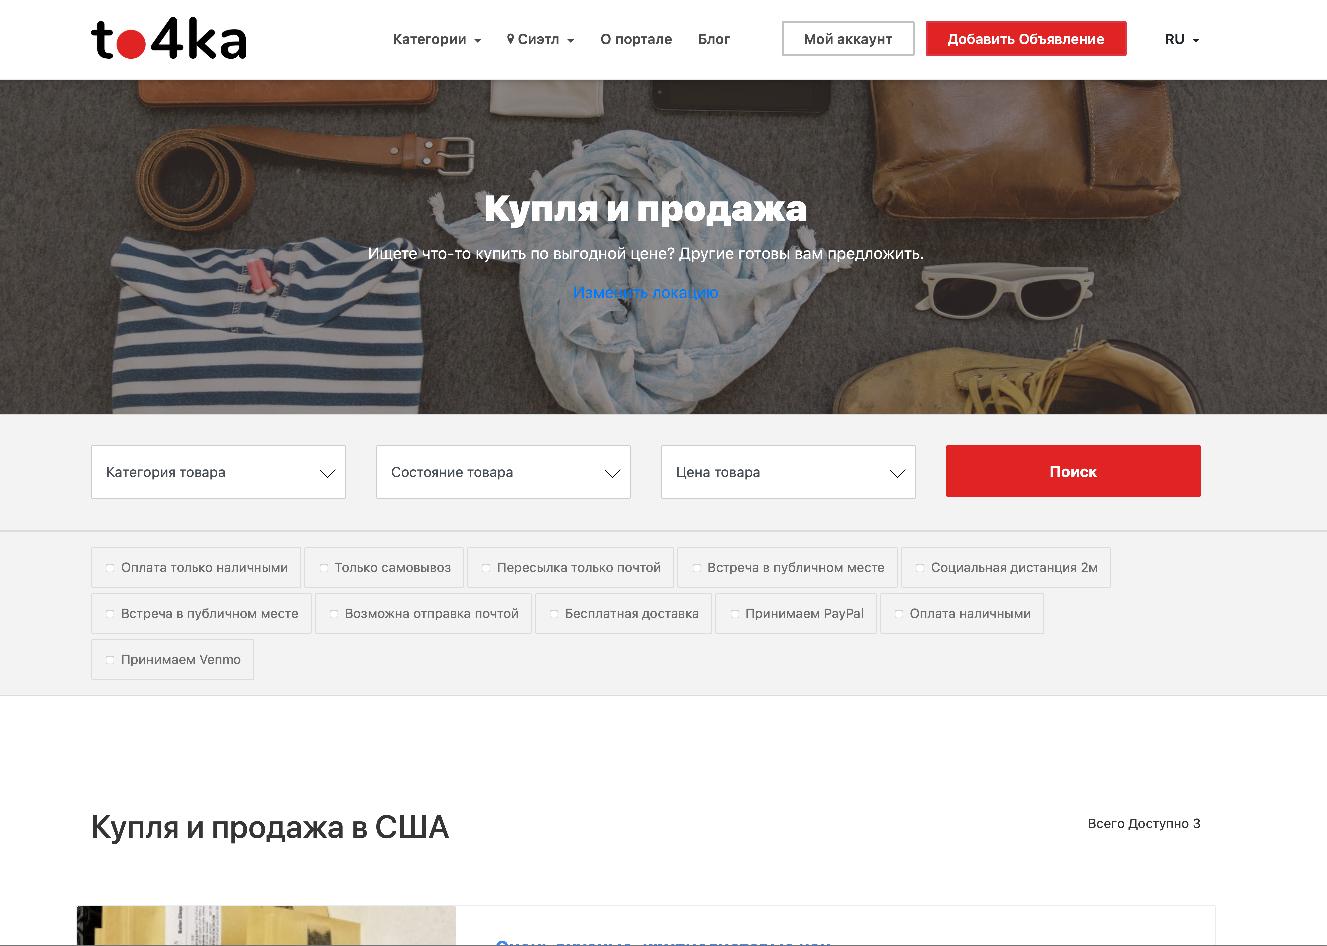 to4ka.us - category page